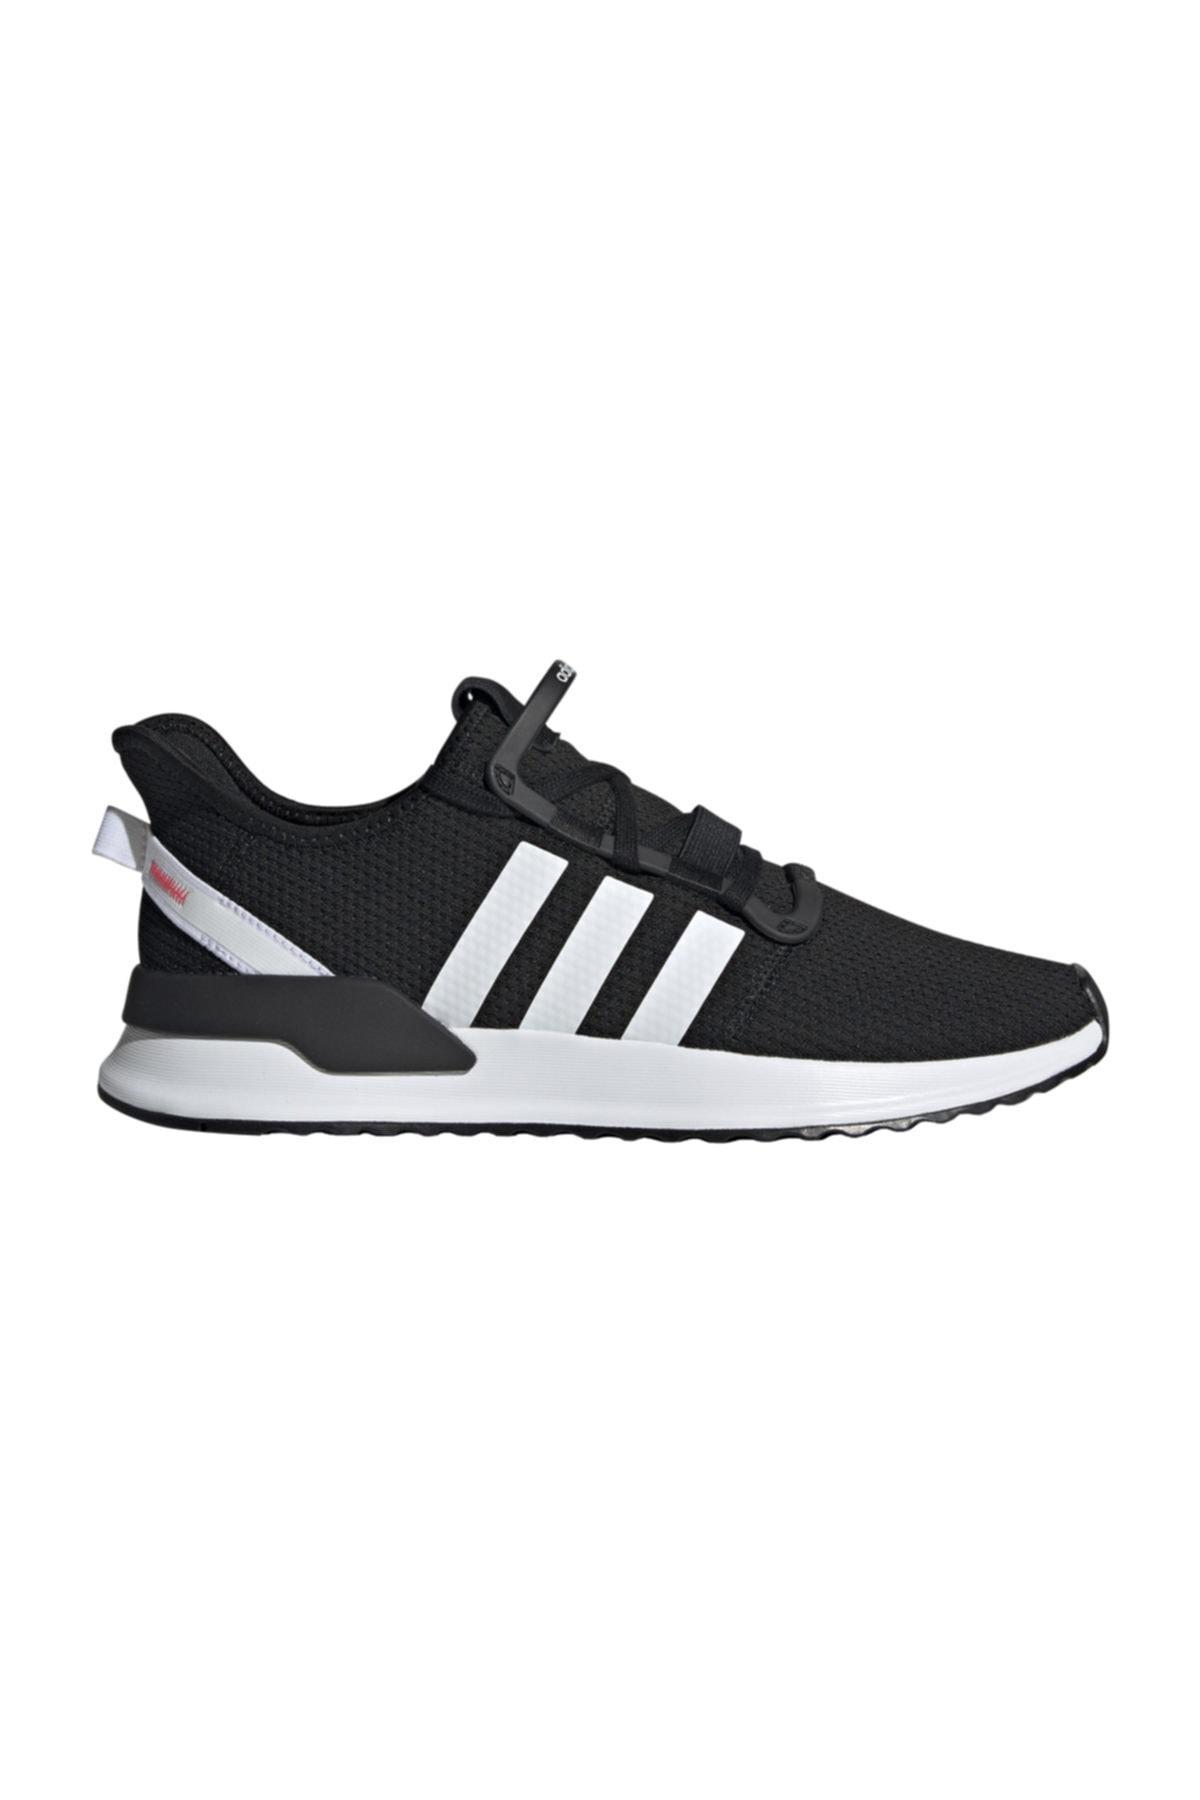 adidas U_path Run Erkek Spor Ayakkabı 1